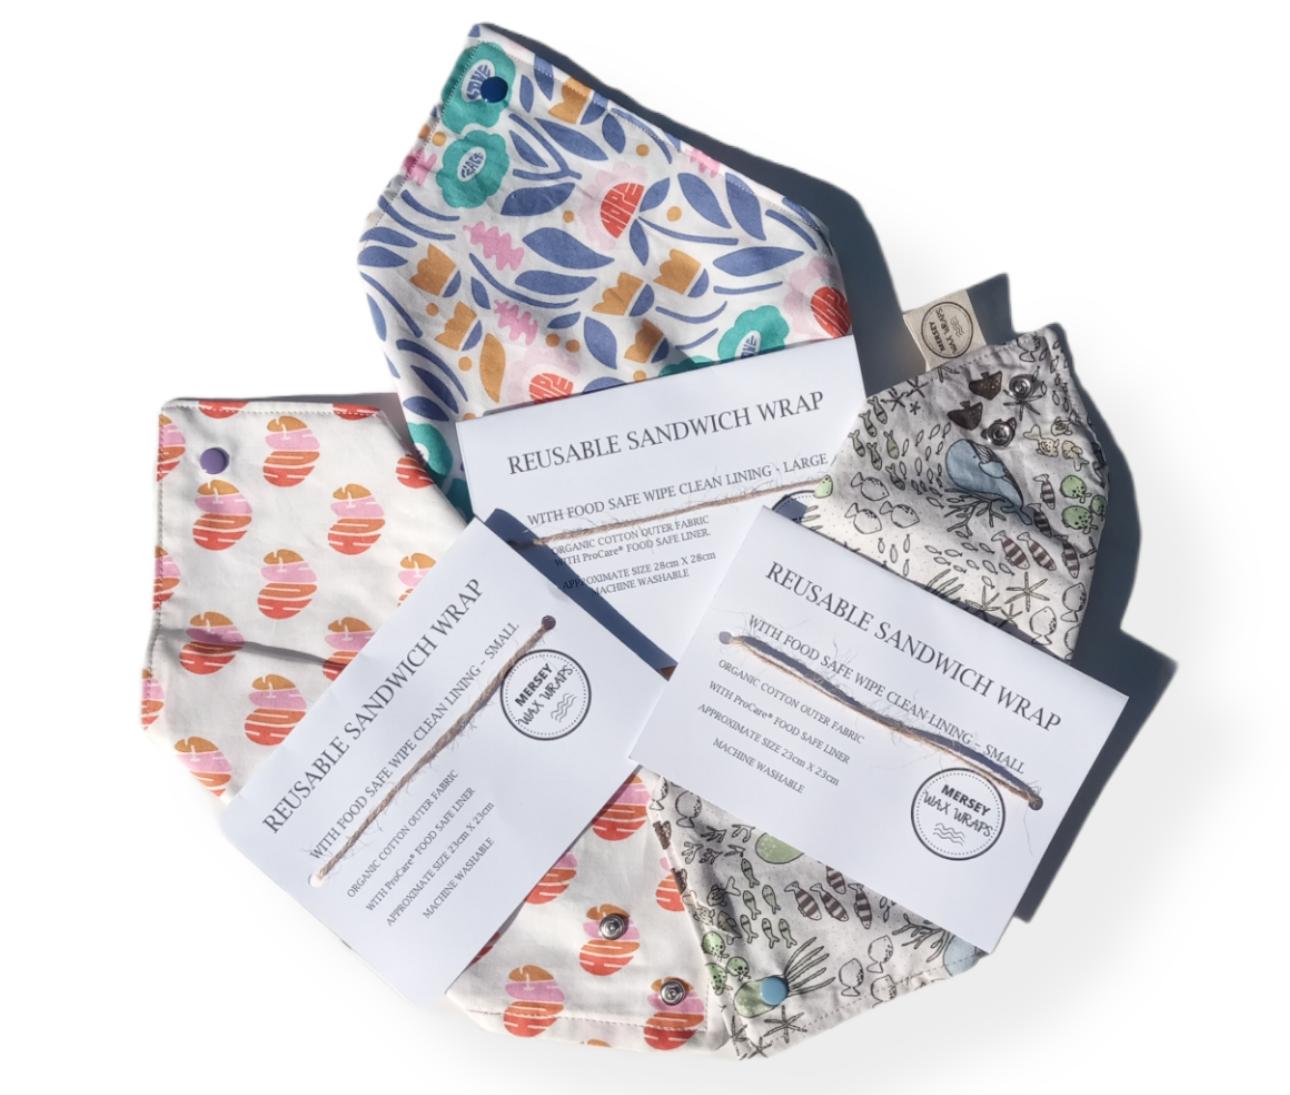 Organic Cotton Sandwich Wraps – Adult